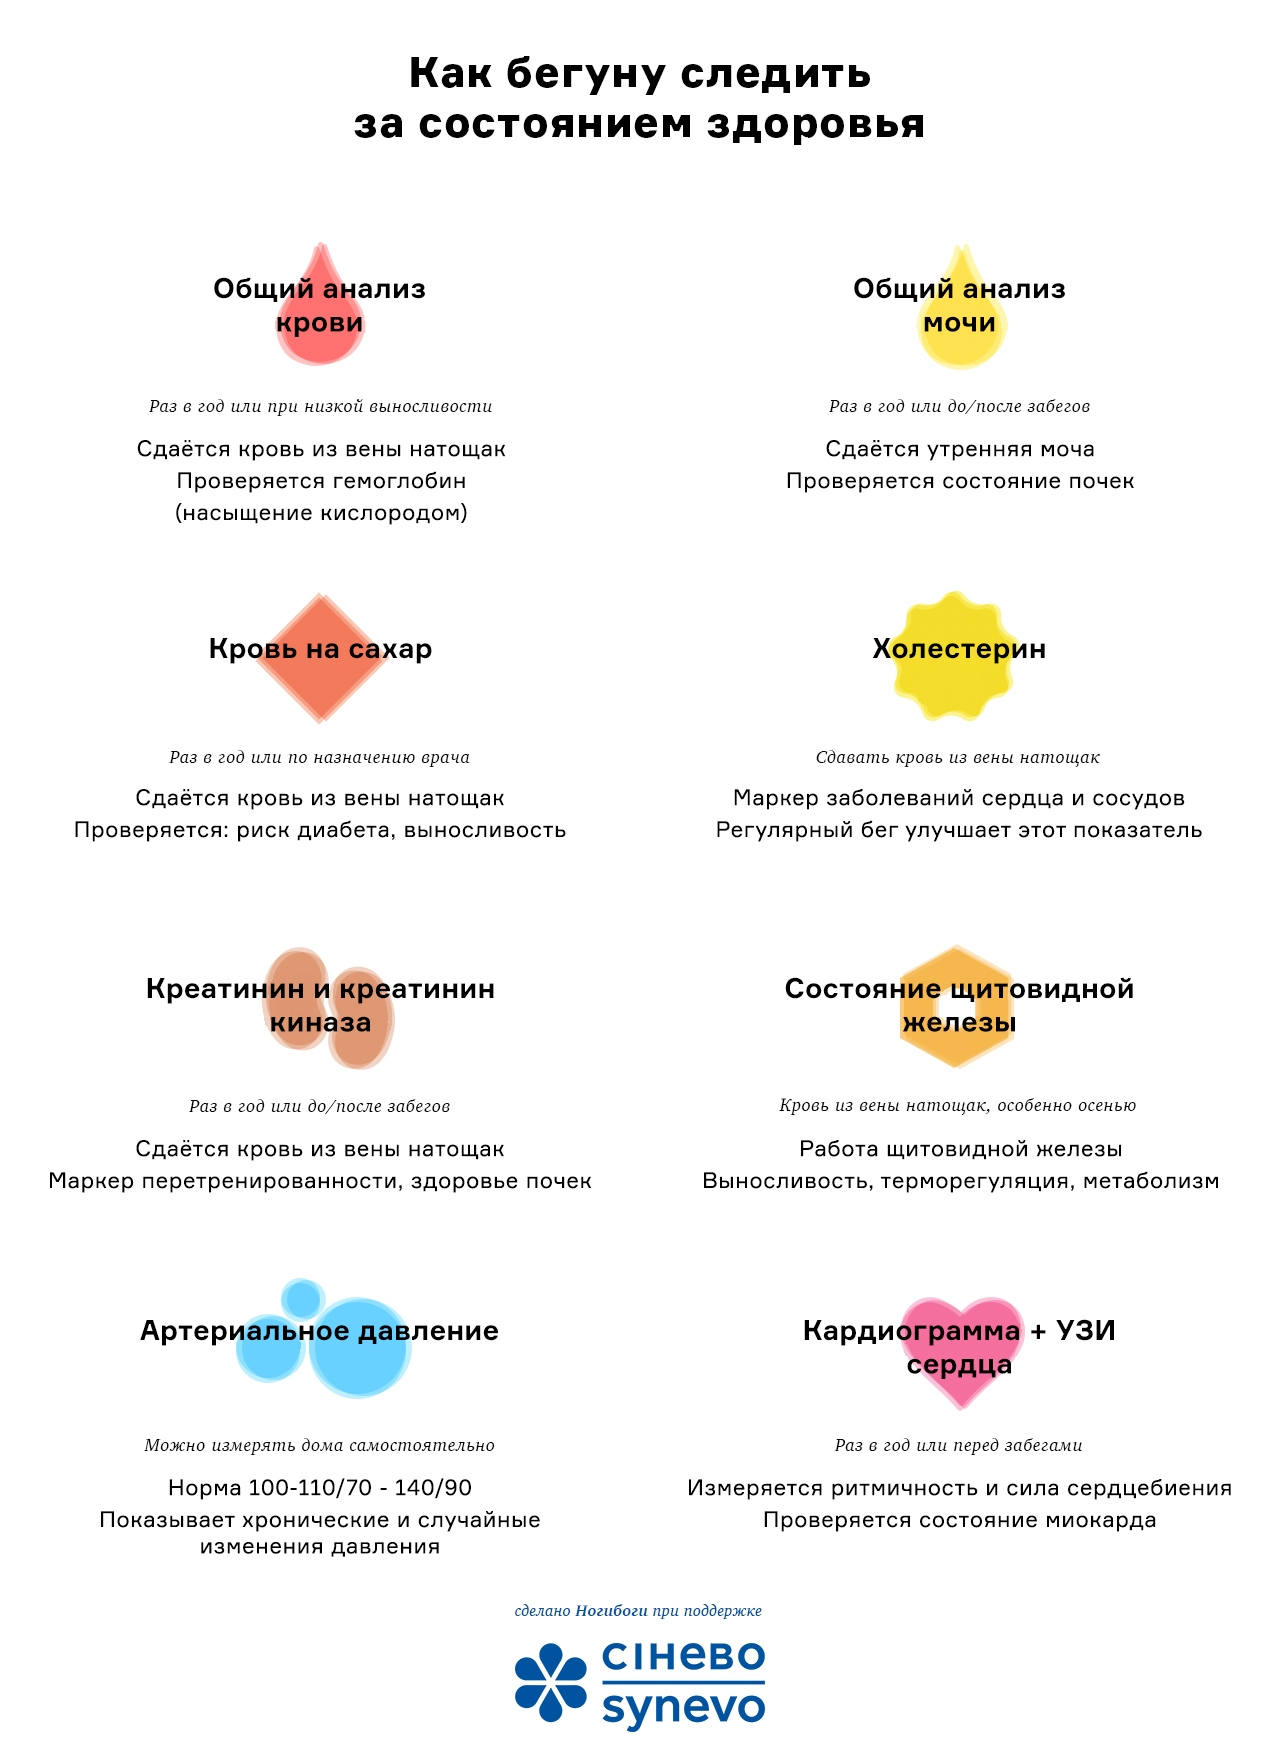 Список анализов и обследований для бегунов: инфографика